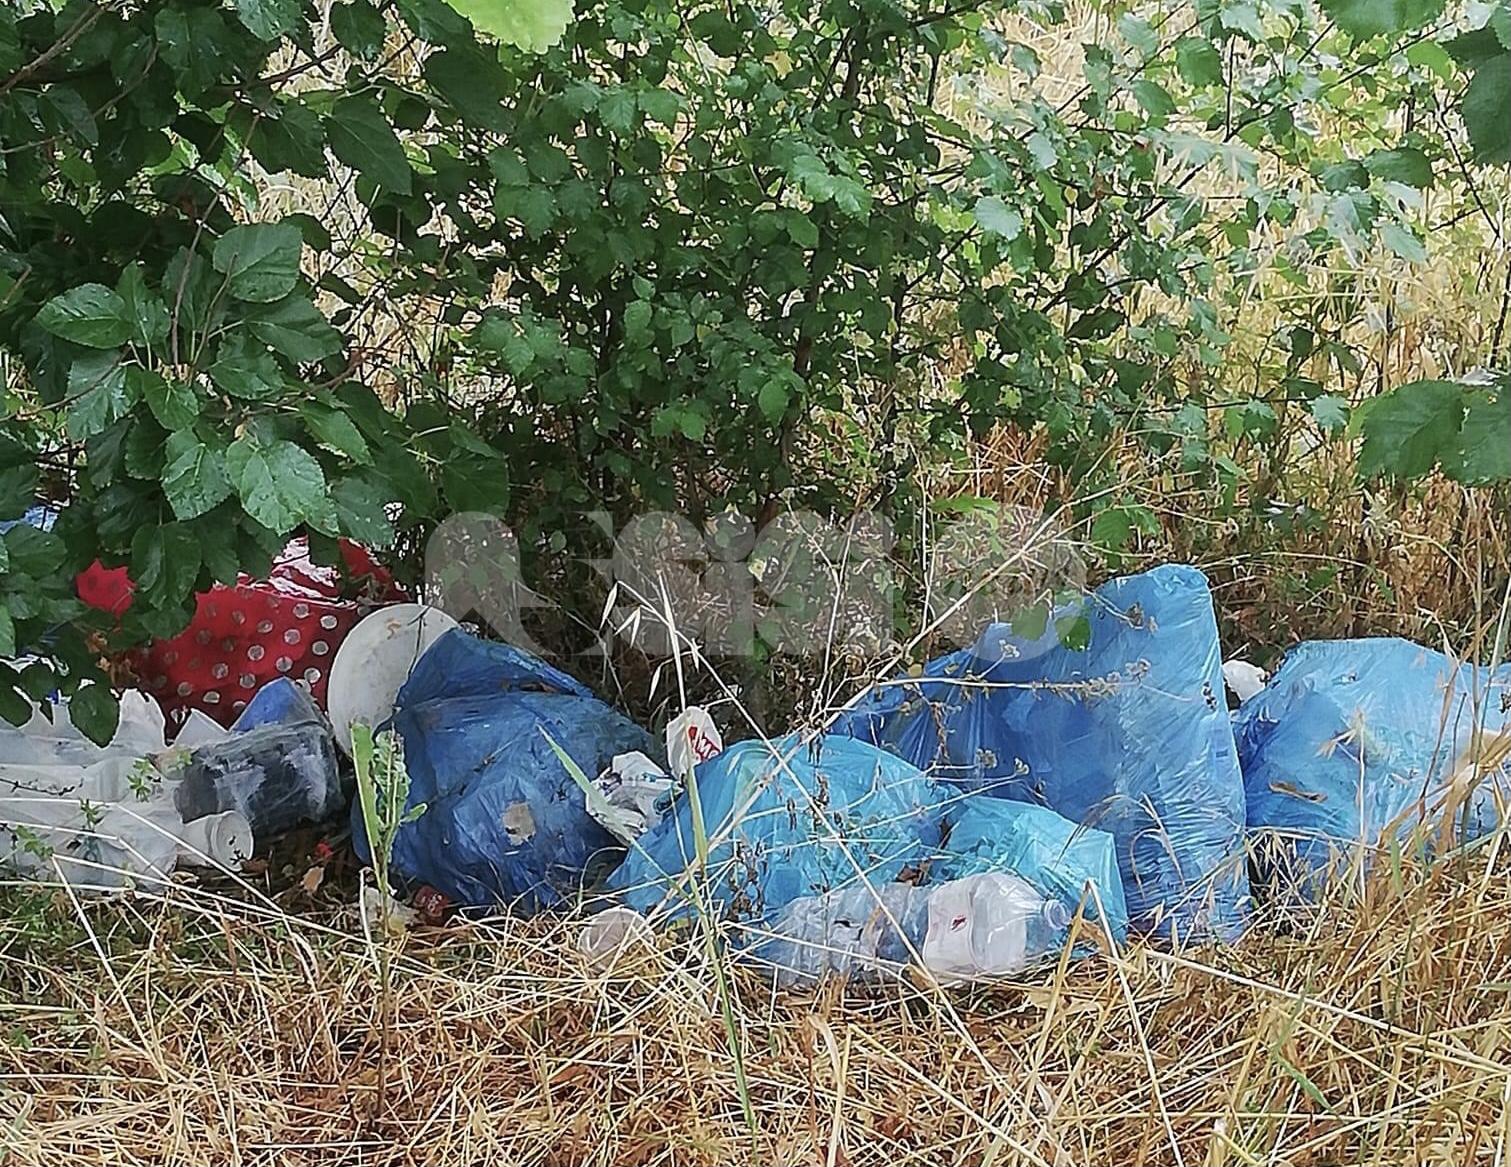 Rifiuti abbandonati, a Rivotorto spunta una discarica in via Francesca